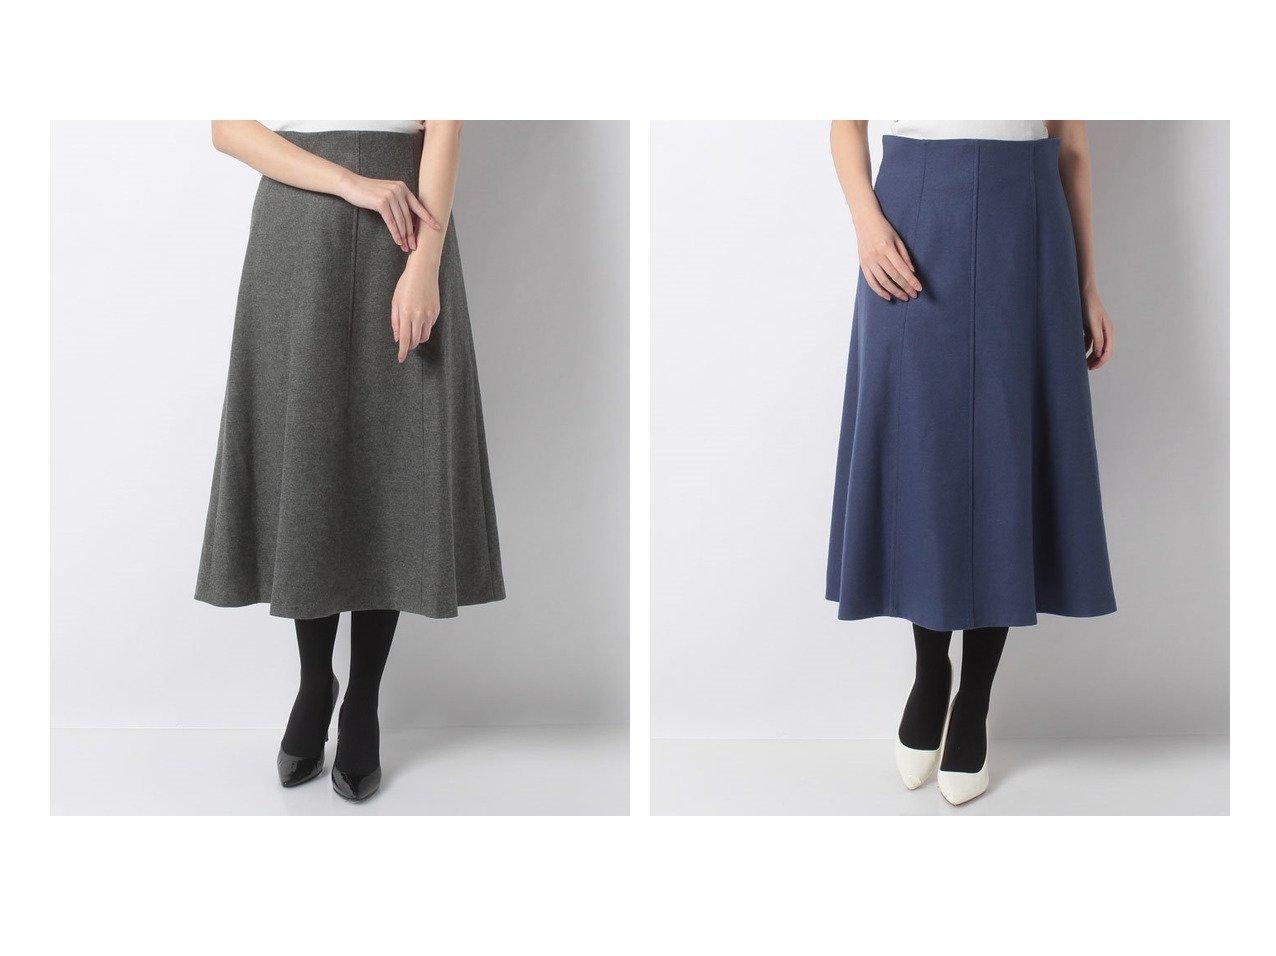 【ANAYI/アナイ】のウールアッシュクテンジクフレアスカート スカートのおすすめ!人気、トレンド・レディースファッションの通販 おすすめで人気の流行・トレンド、ファッションの通販商品 メンズファッション・キッズファッション・インテリア・家具・レディースファッション・服の通販 founy(ファニー) https://founy.com/ ファッション Fashion レディースファッション WOMEN スカート Skirt Aライン/フレアスカート Flared A-Line Skirts NEW・新作・新着・新入荷 New Arrivals ギャザー フレア |ID:crp329100000012892